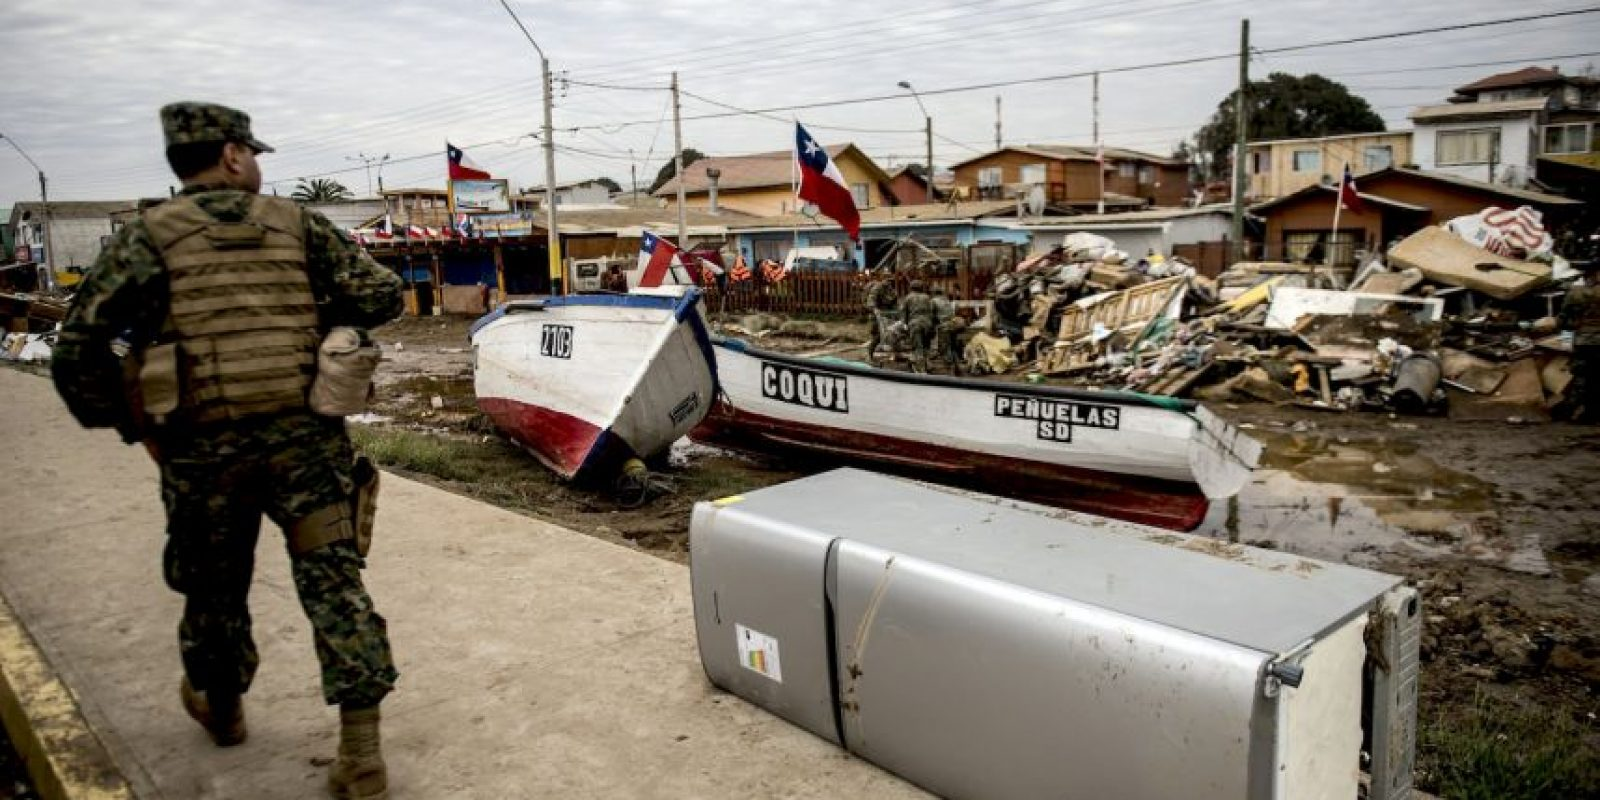 Se elevan a 13 las víctimas fatales por terremoto en el norte del país. Foto:AFP